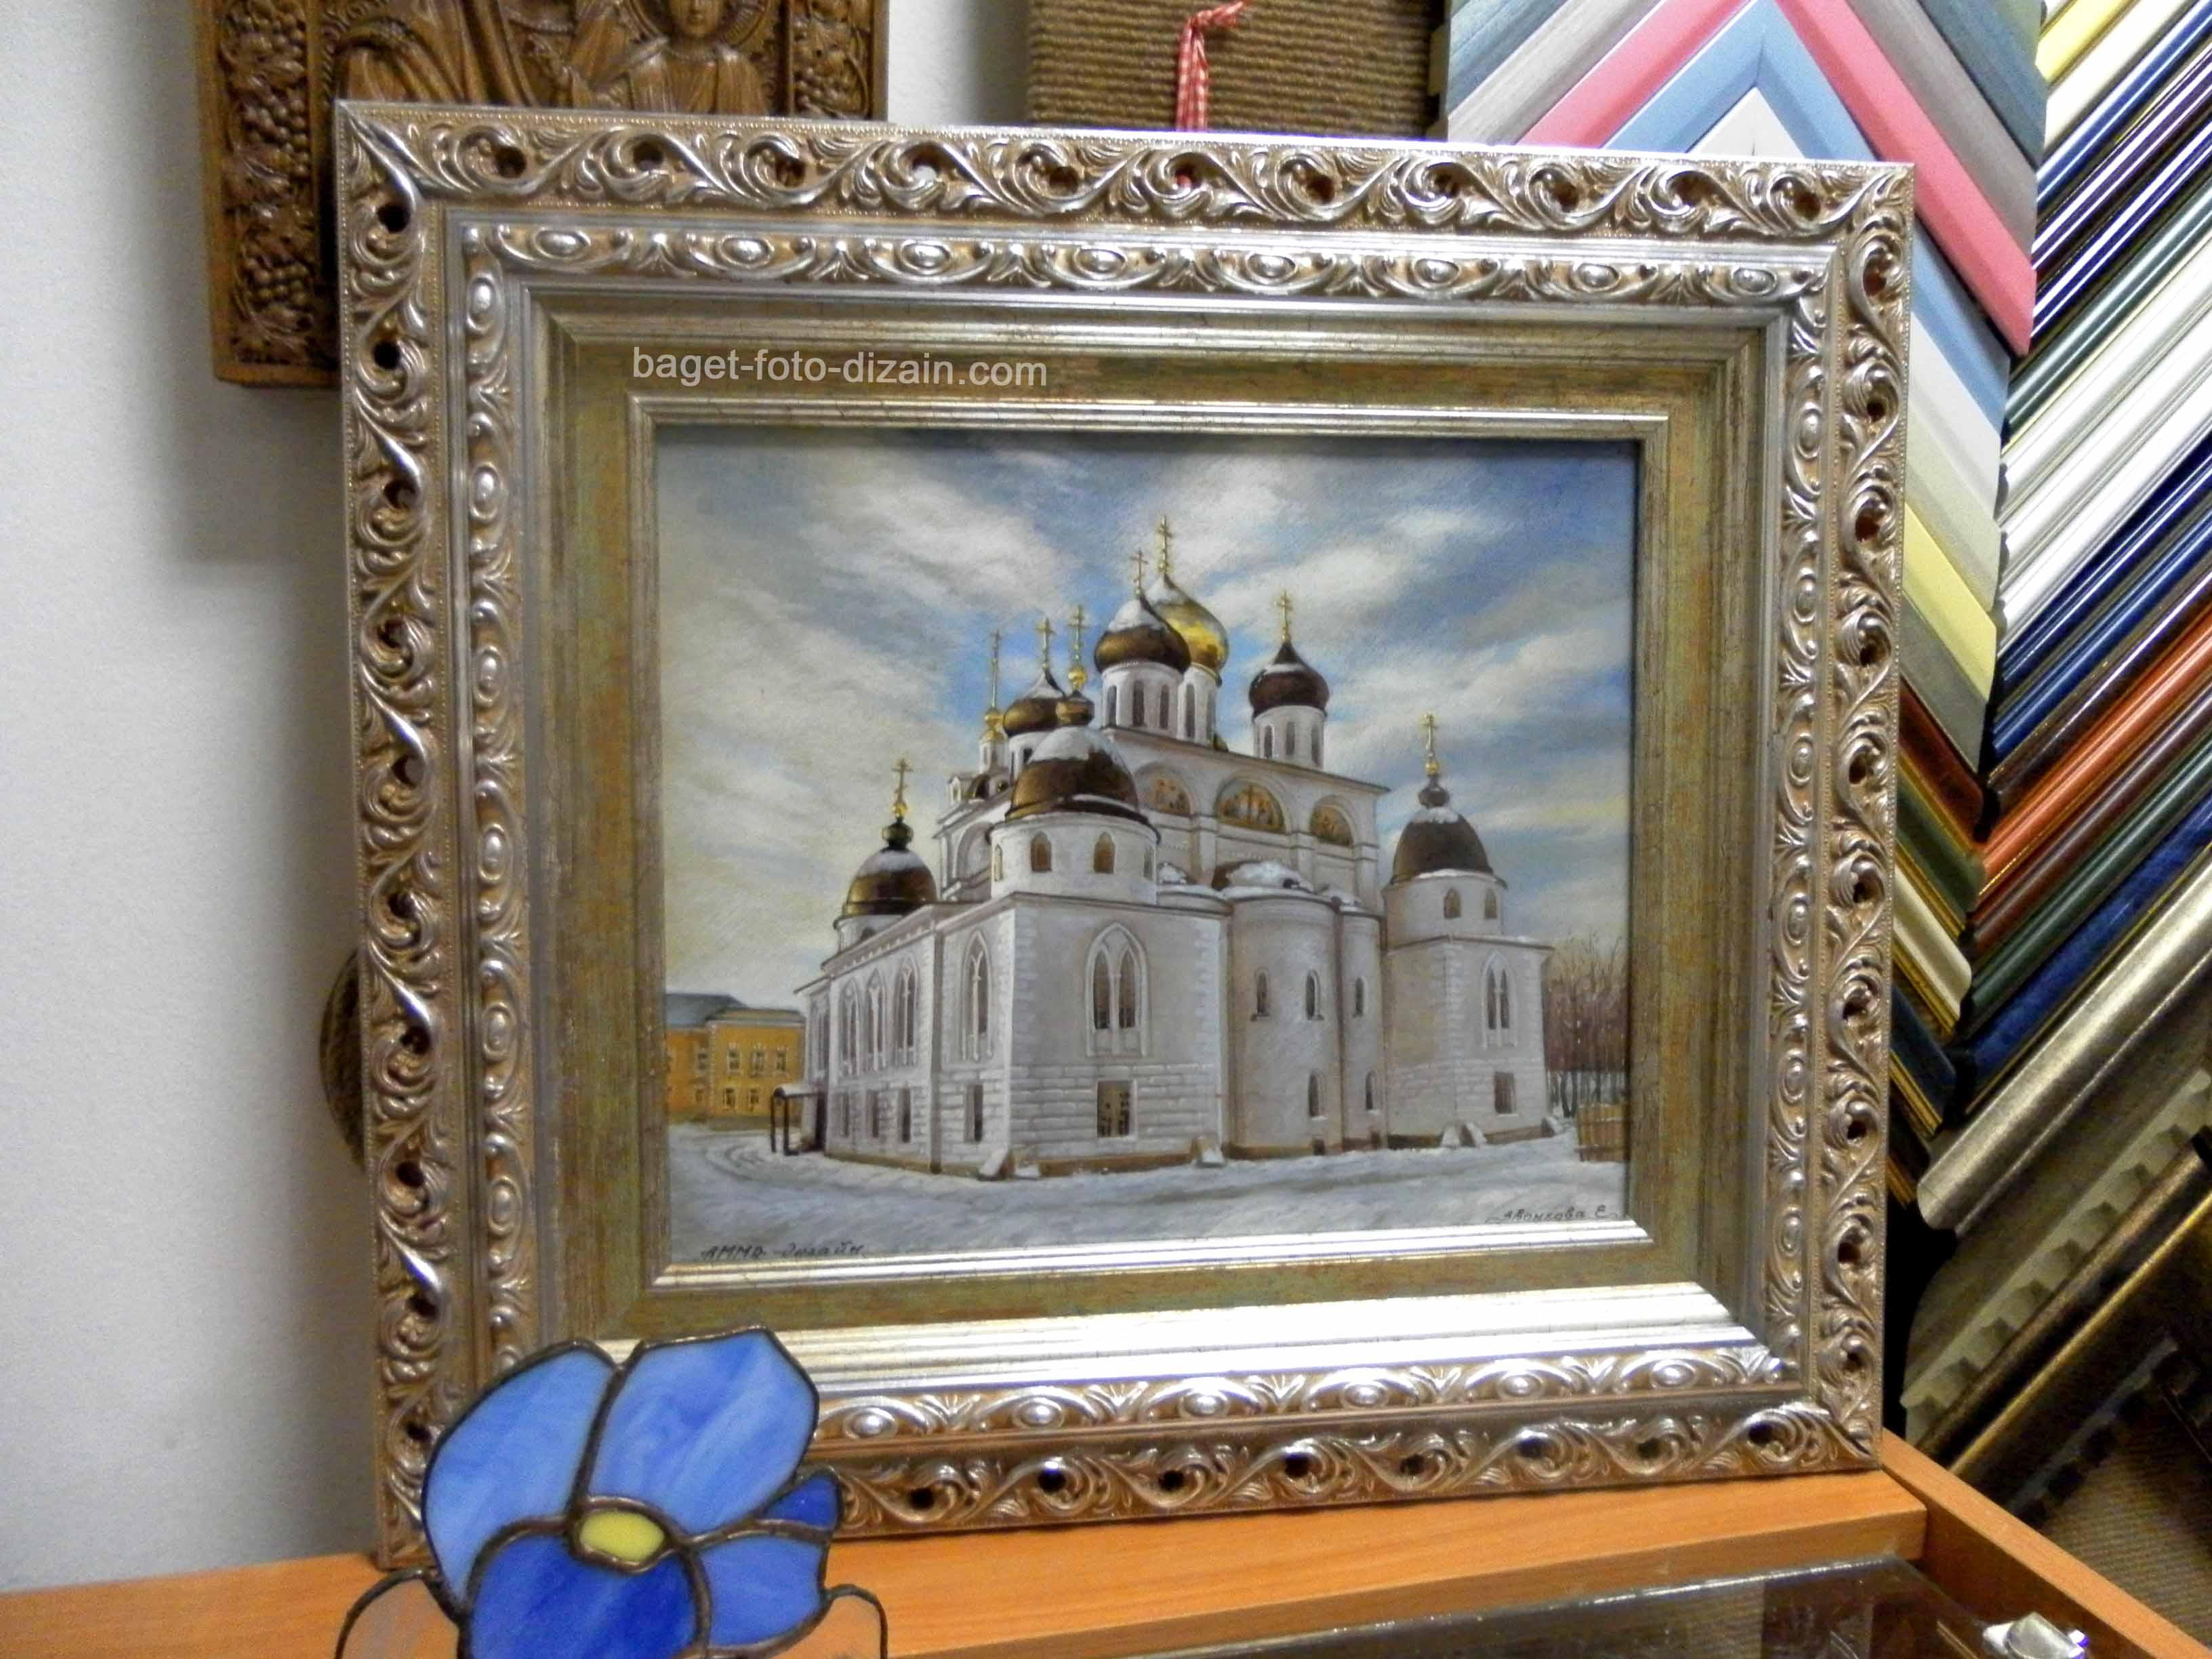 Картина в раме БАГЕТ-ФОТО-ДИЗАЙН